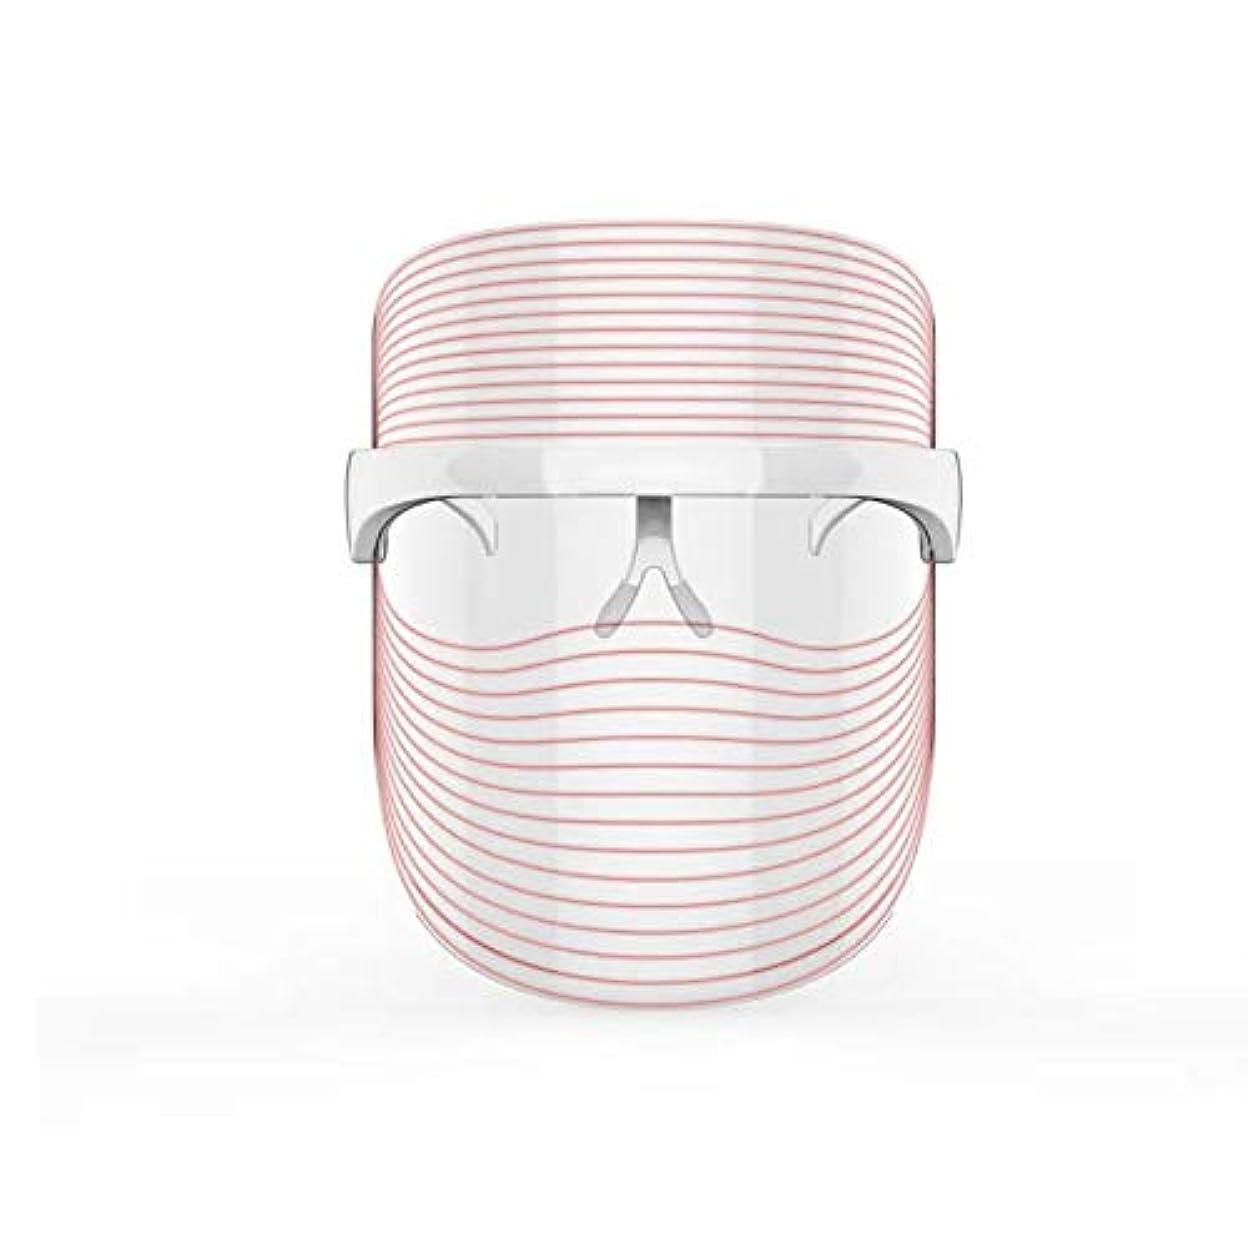 ペンダントに専門3色LEDマスクフェイス&ネックネオン白熱LEDフェイスマスク電動フェイシャルスキンケアフェイススキンビューティー